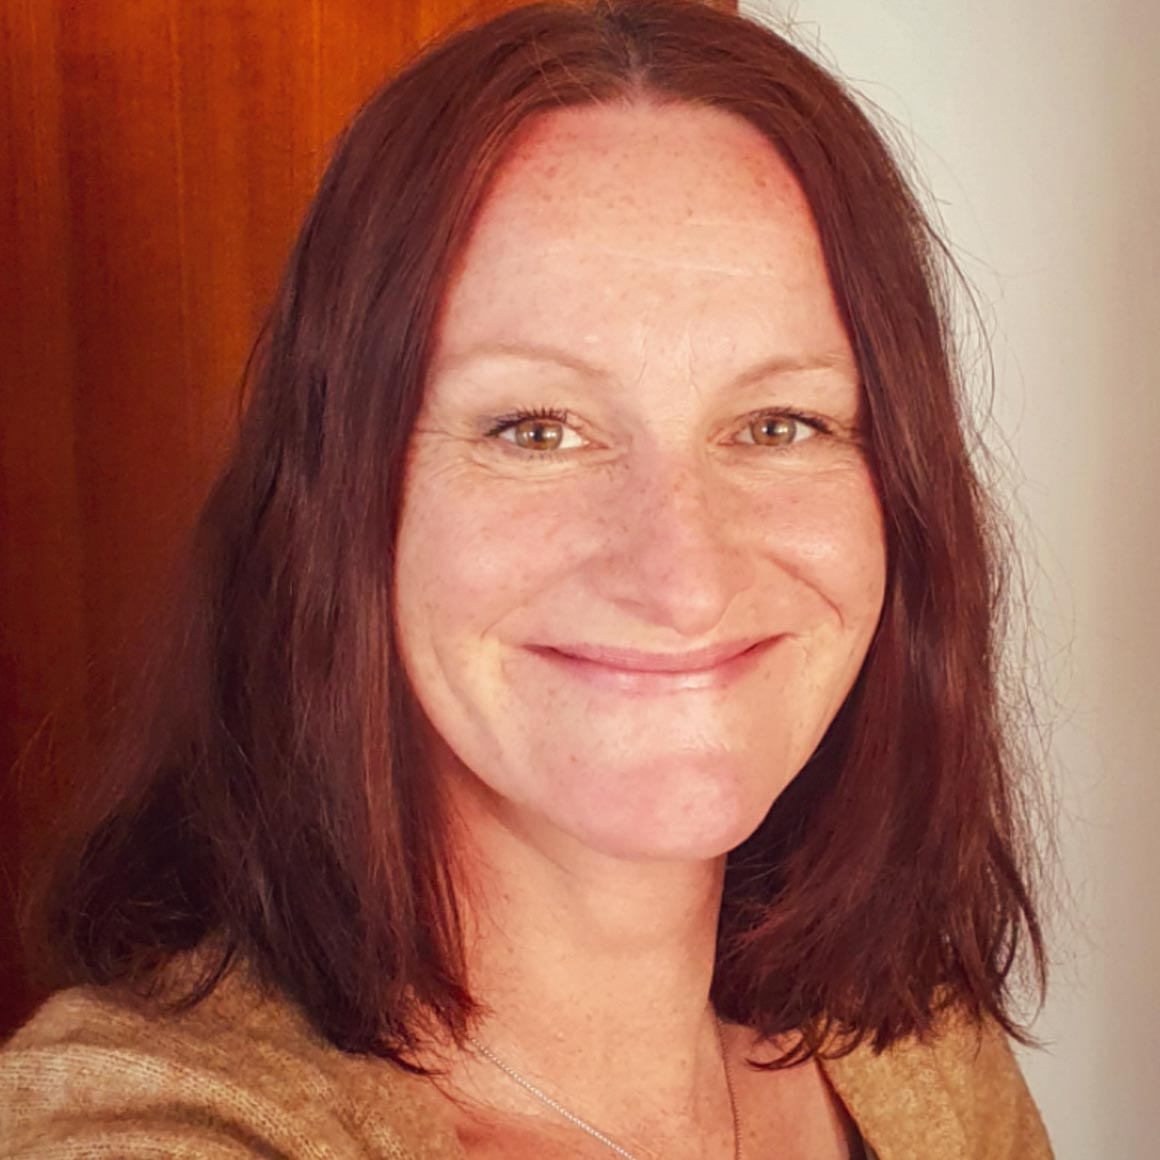 Kerstin Reichhold